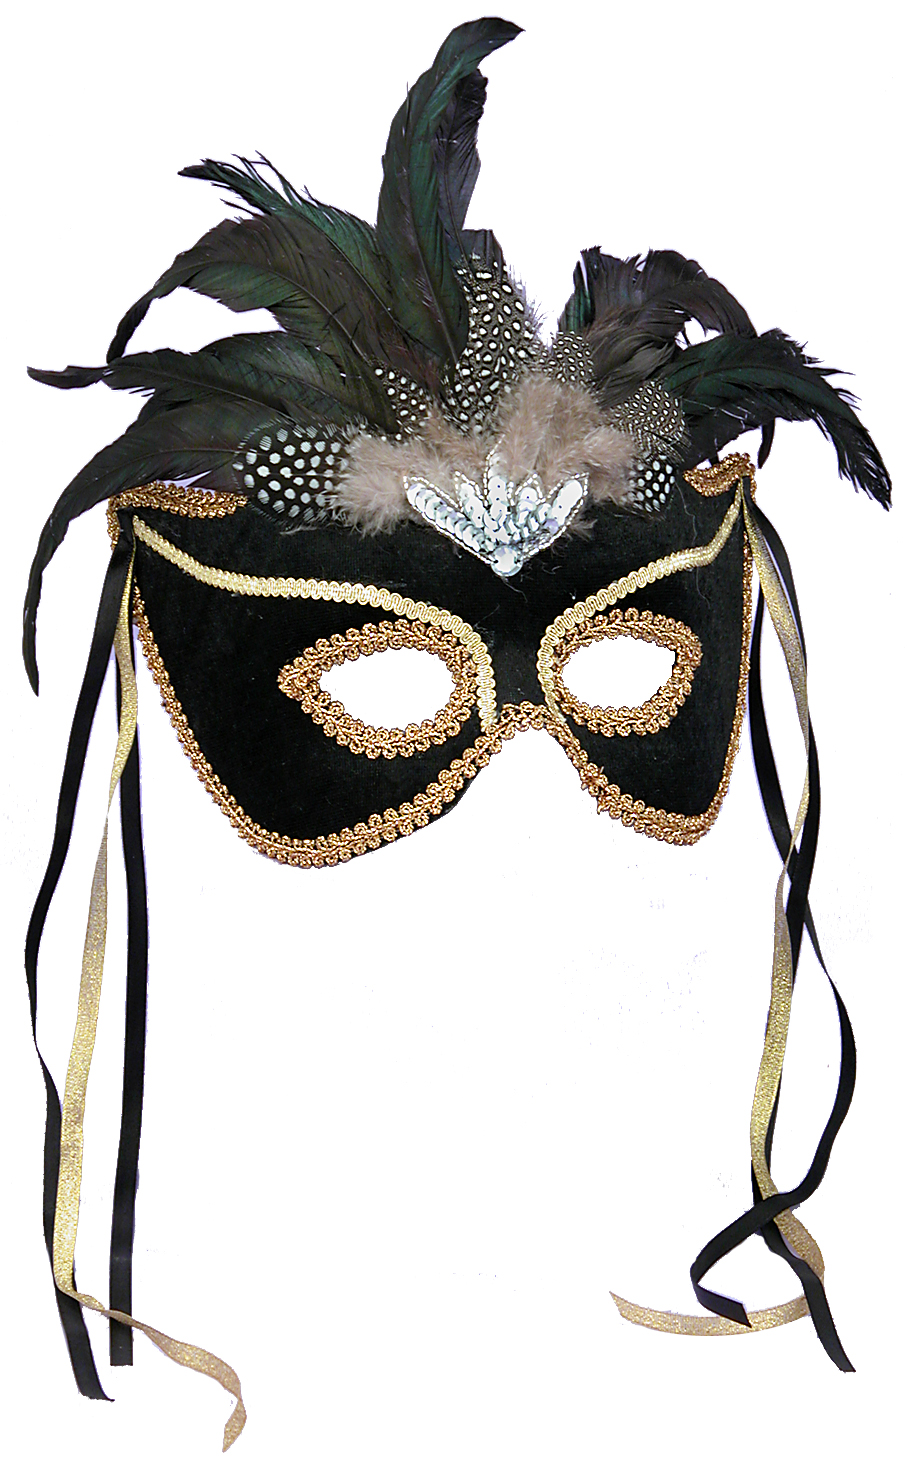 http://images.buycostumes.com/mgen/merchandiser/11140.jpg